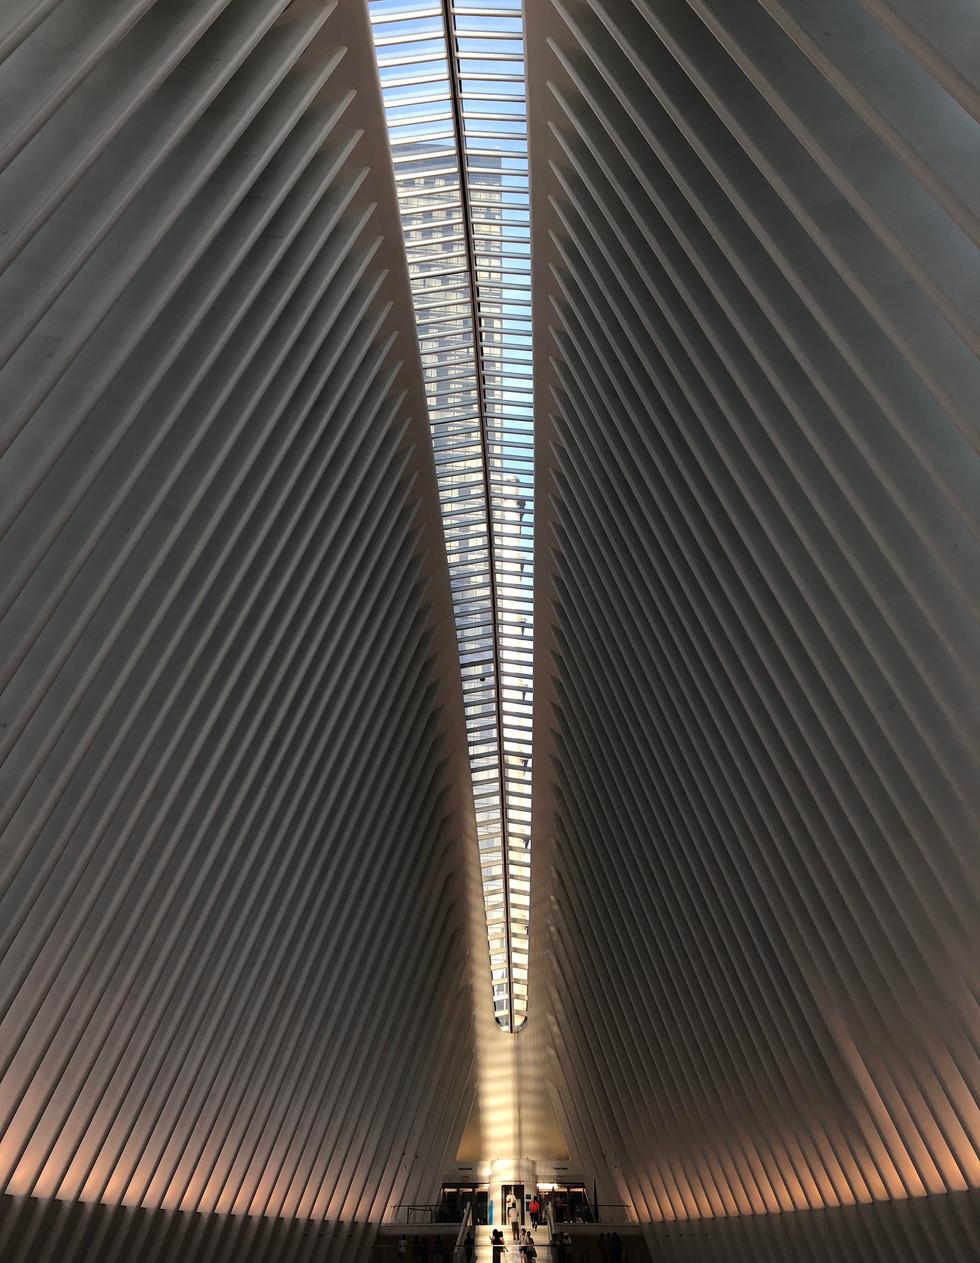 Oculus - New York